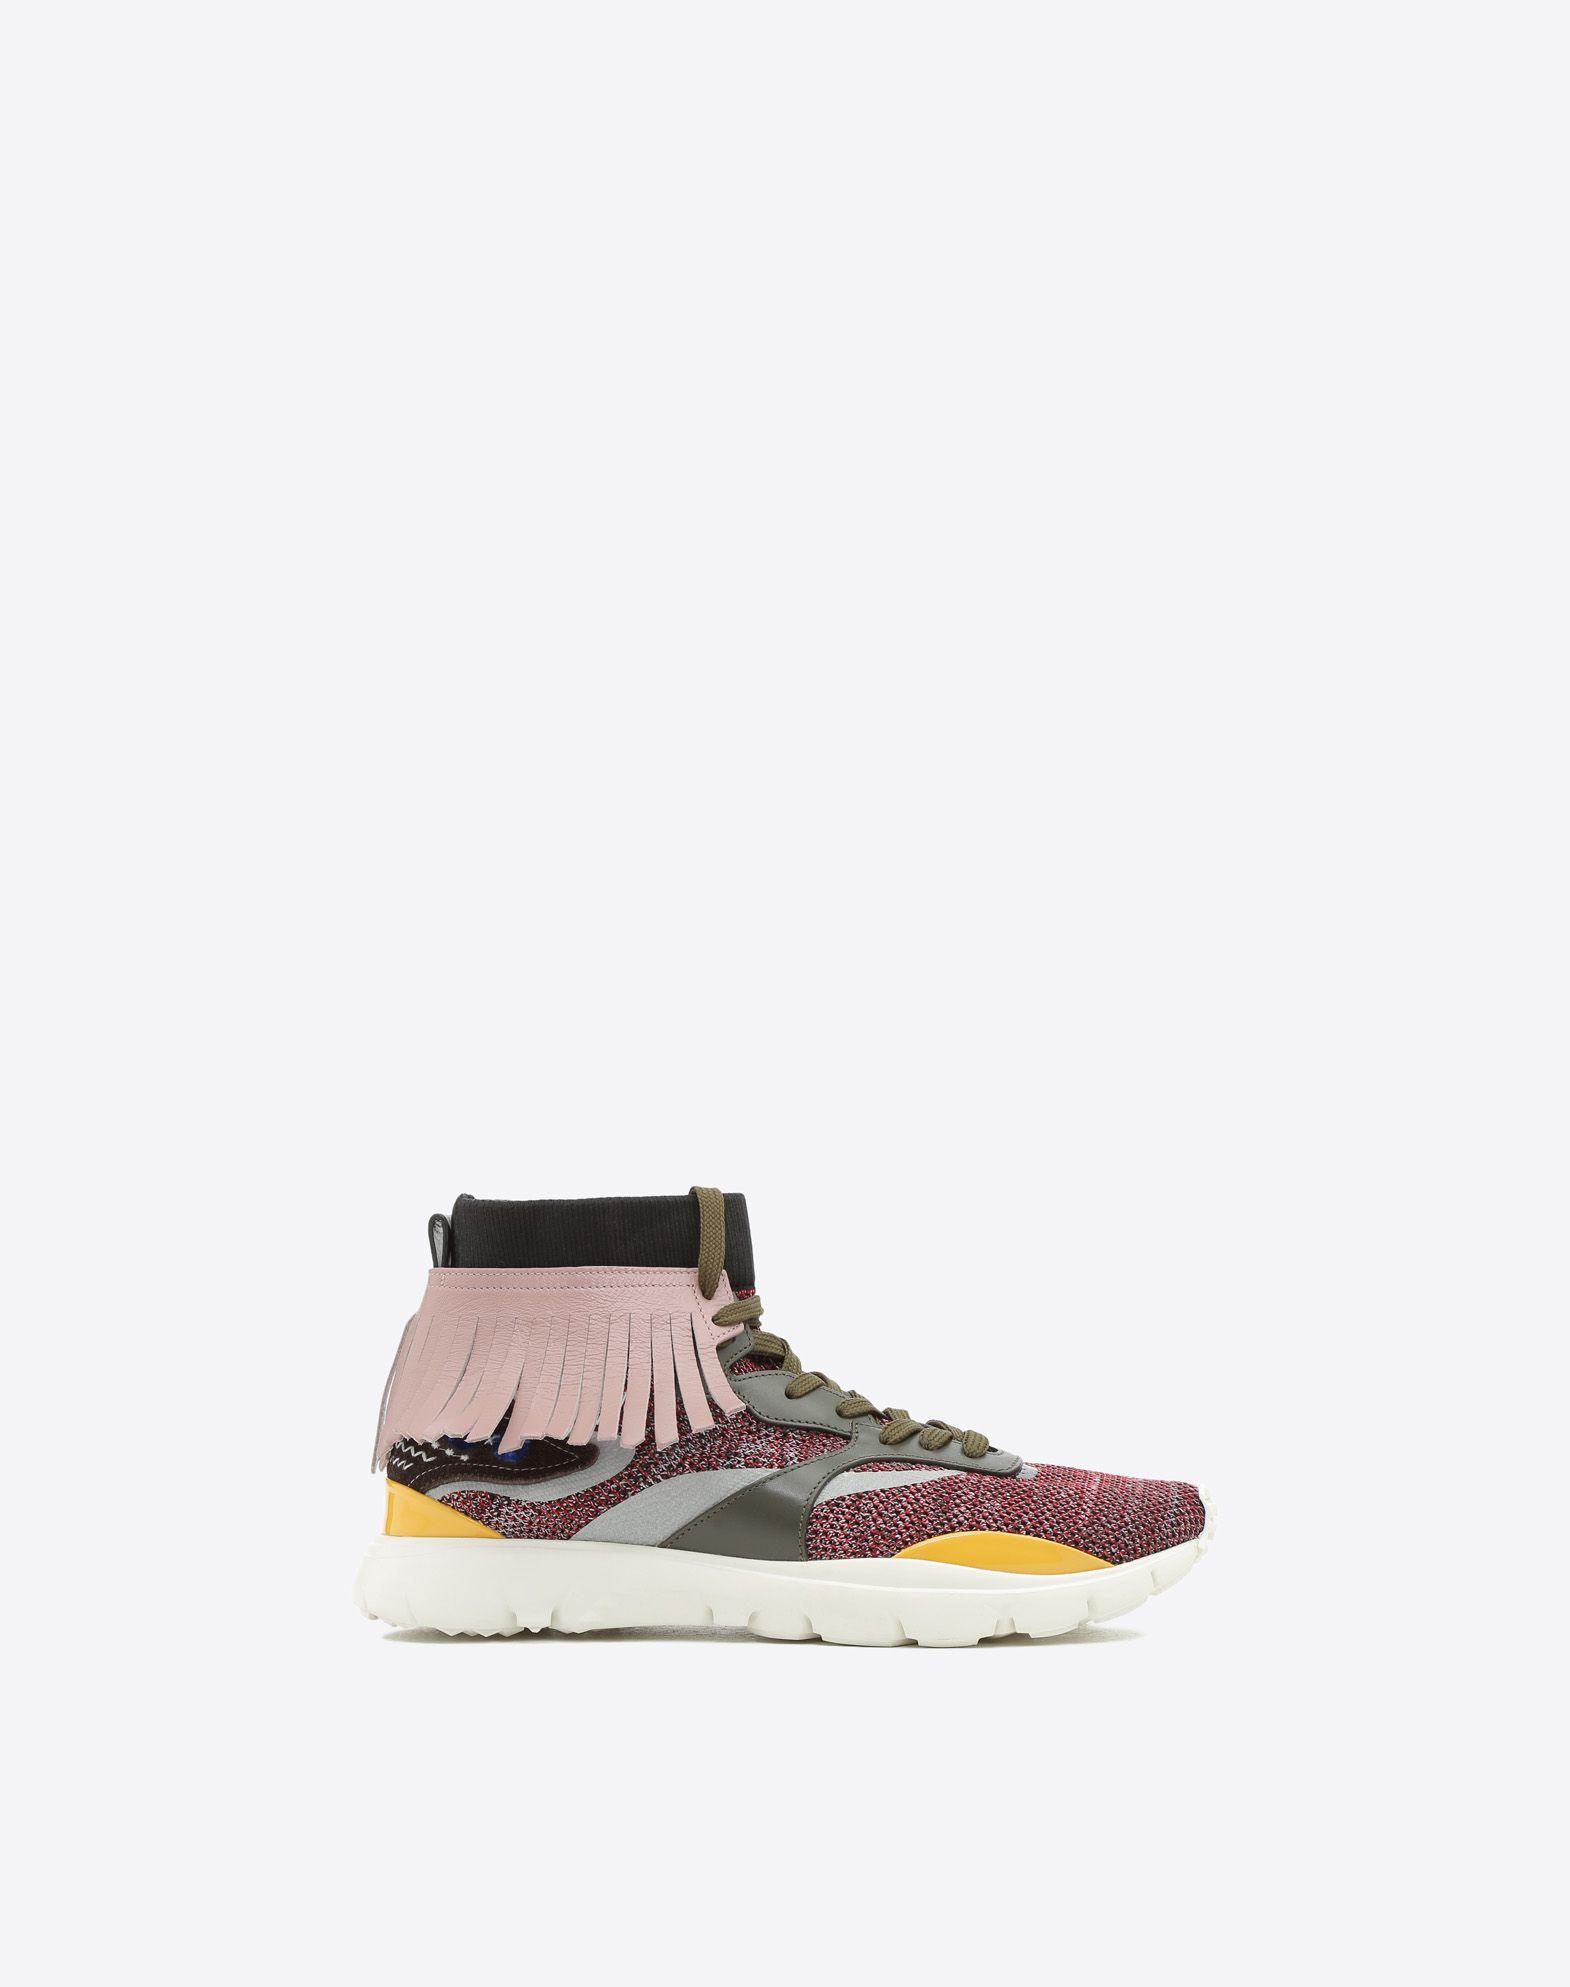 VALENTINO GARAVANI UOMO Heroes Tribe 运动鞋 运动鞋 U f